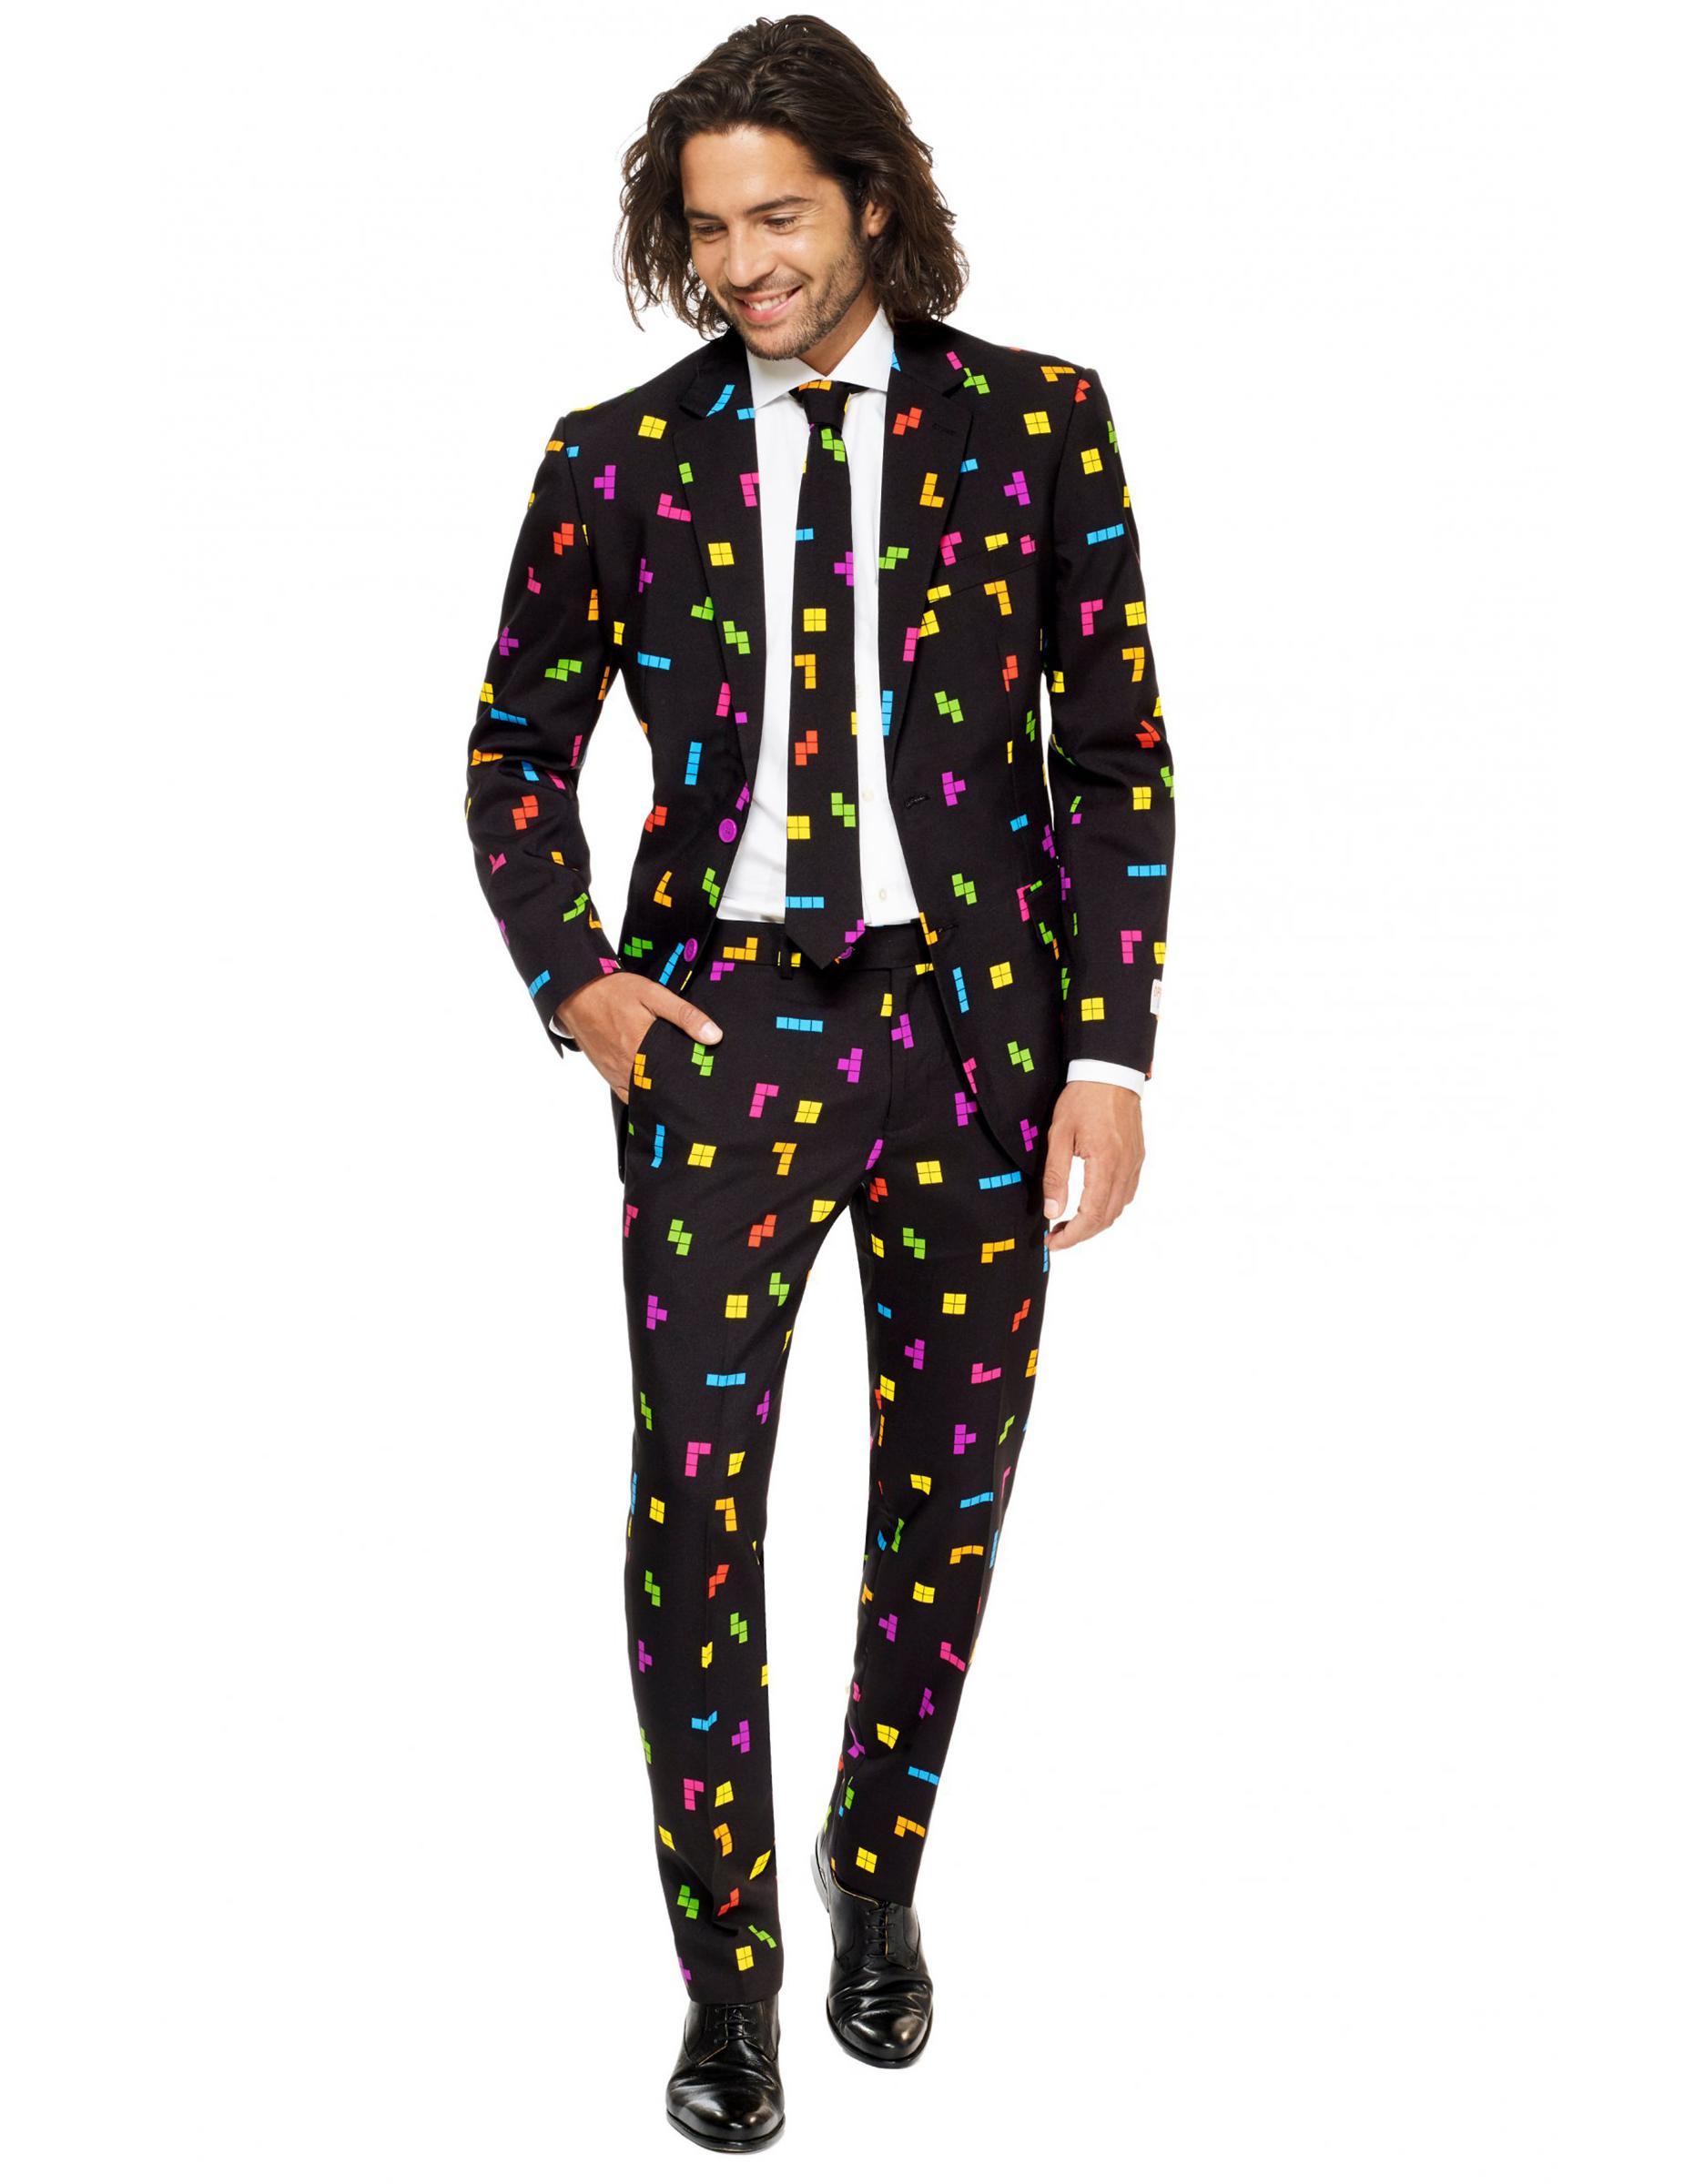 großer Rabatt am besten wählen Online-Einzelhändler Mr. Tetris™ Herren-Anzug Opposuits™ schwarz-bunt